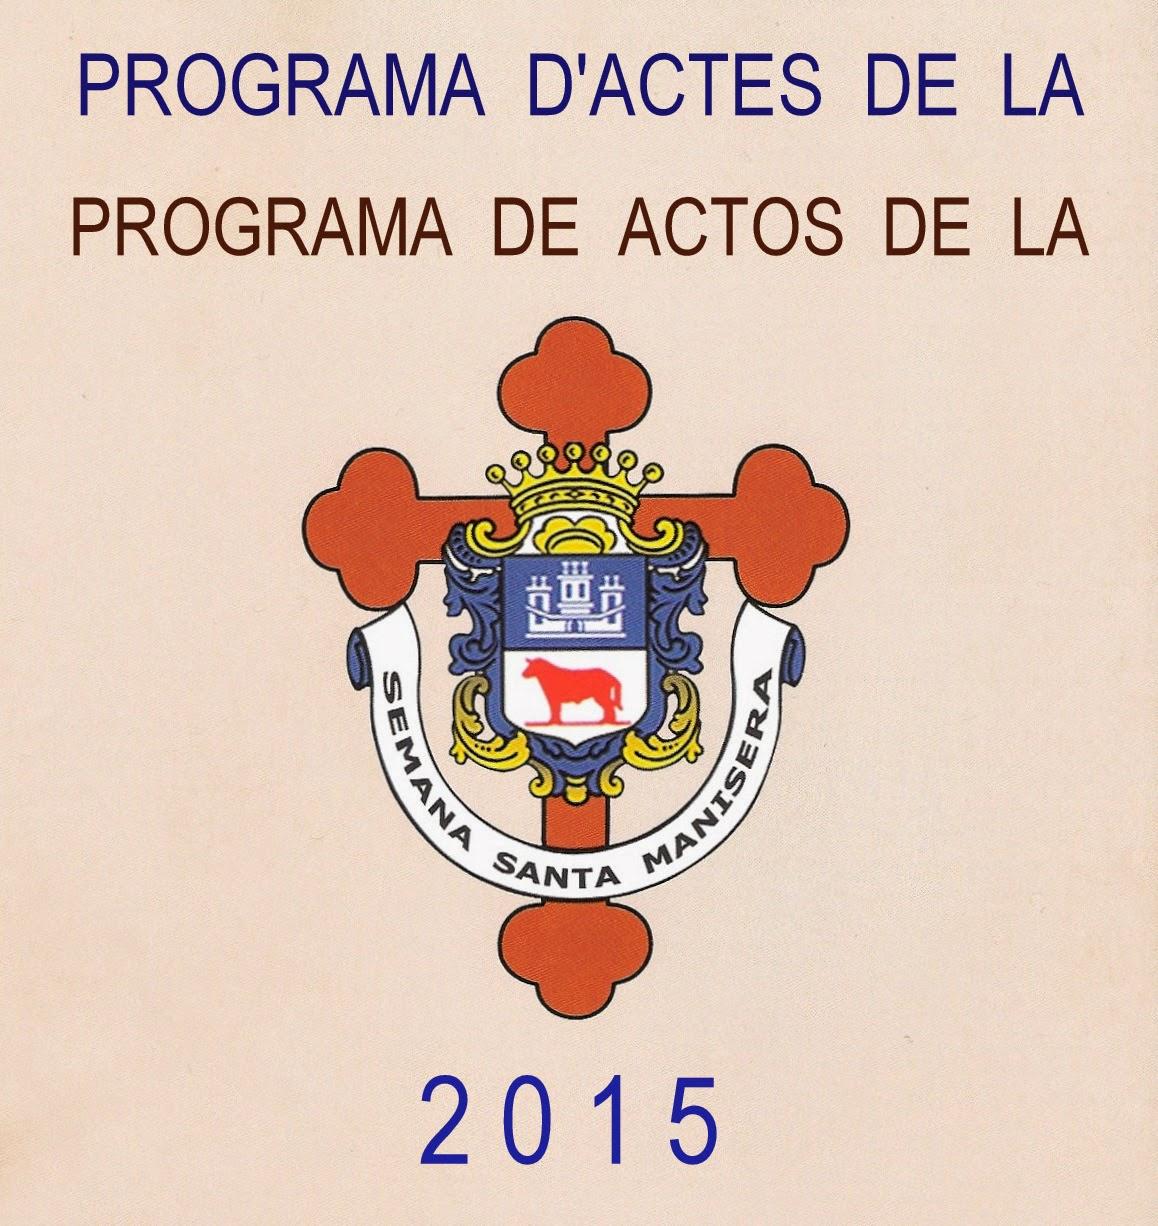 PROGRAMA DE ACTOS EN LA SEMANA SANTA MANISERA DE 2015